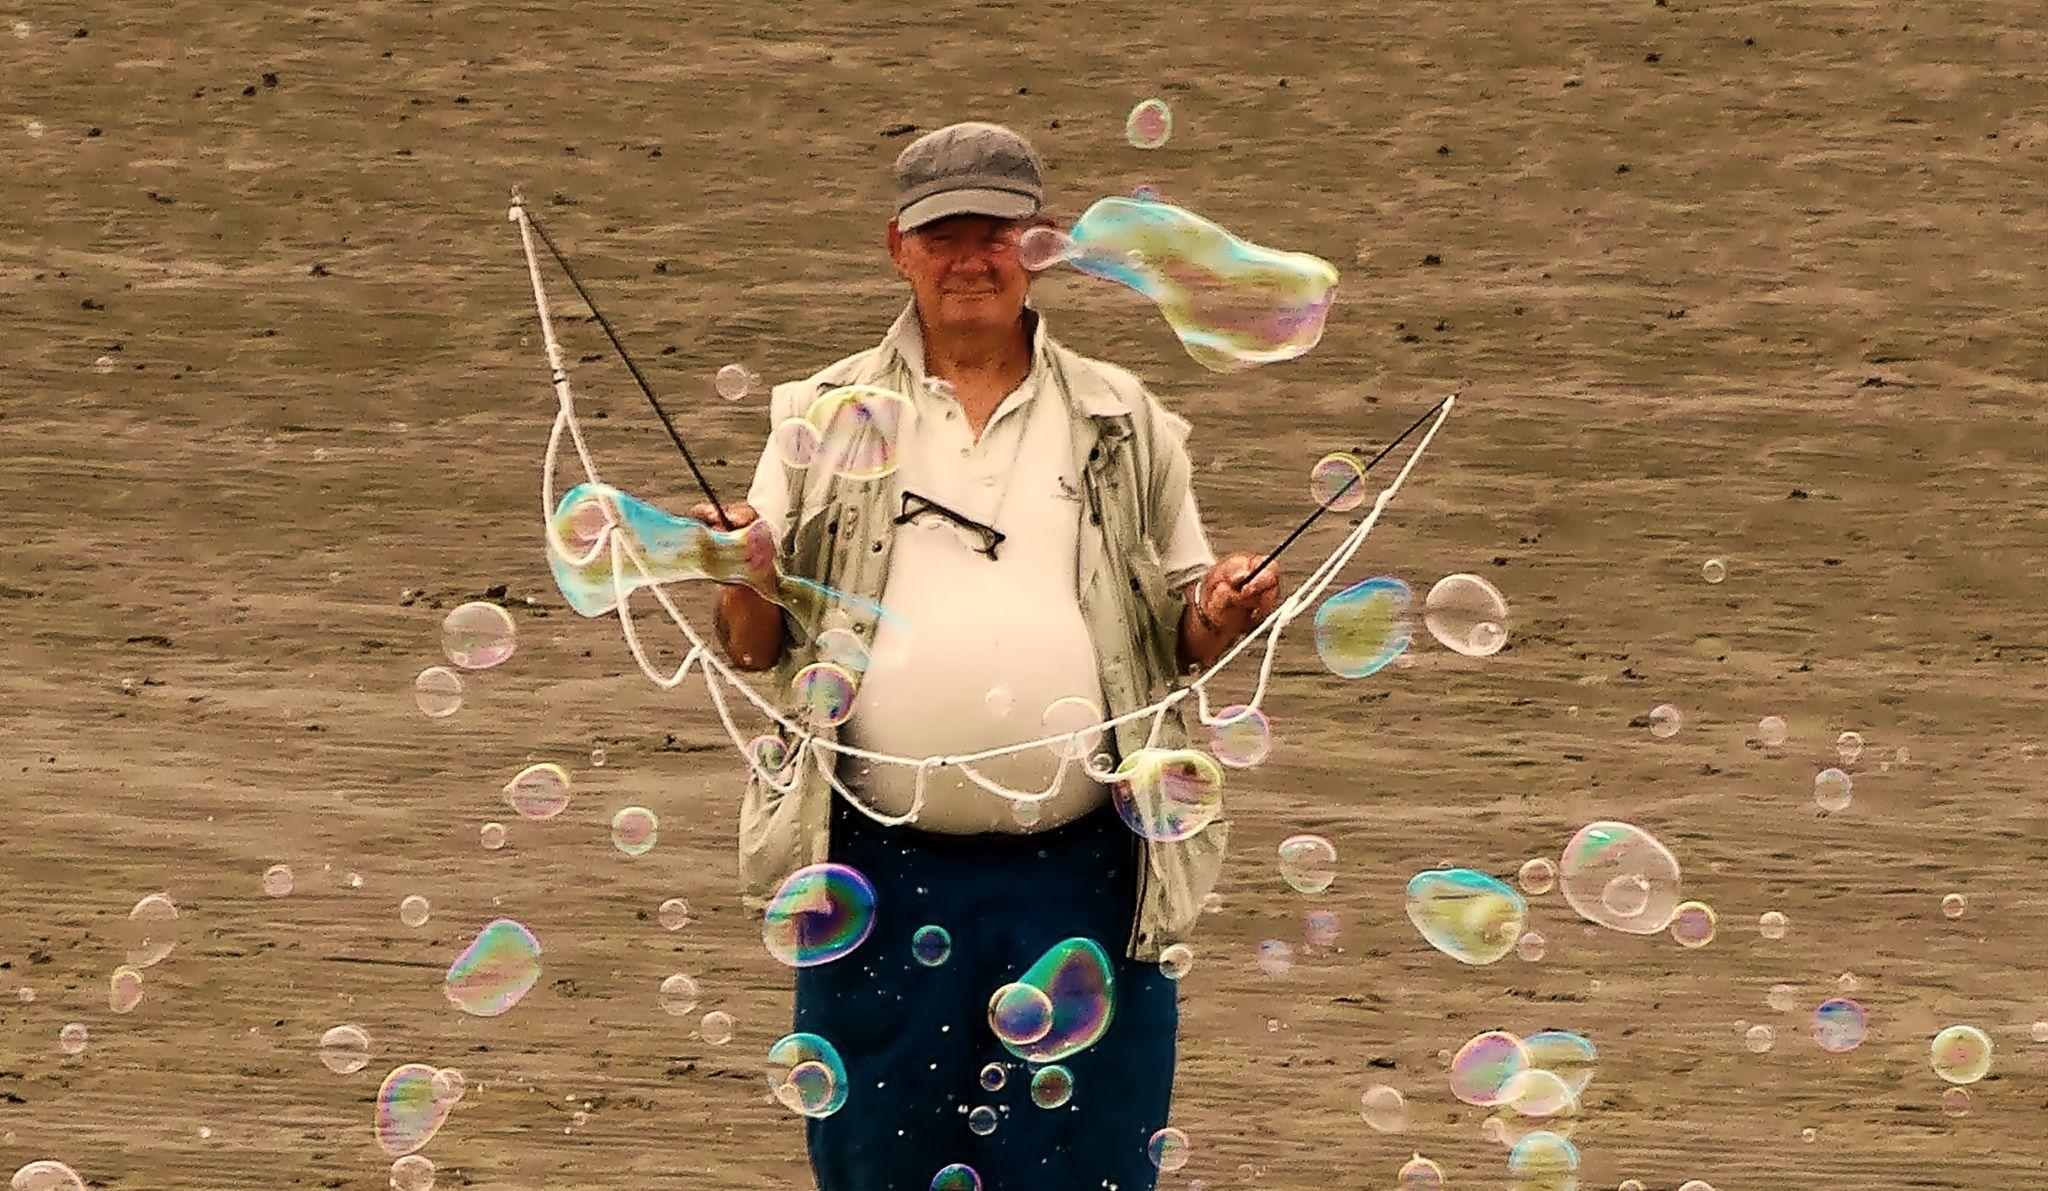 bubbles by Kamil Gaweł